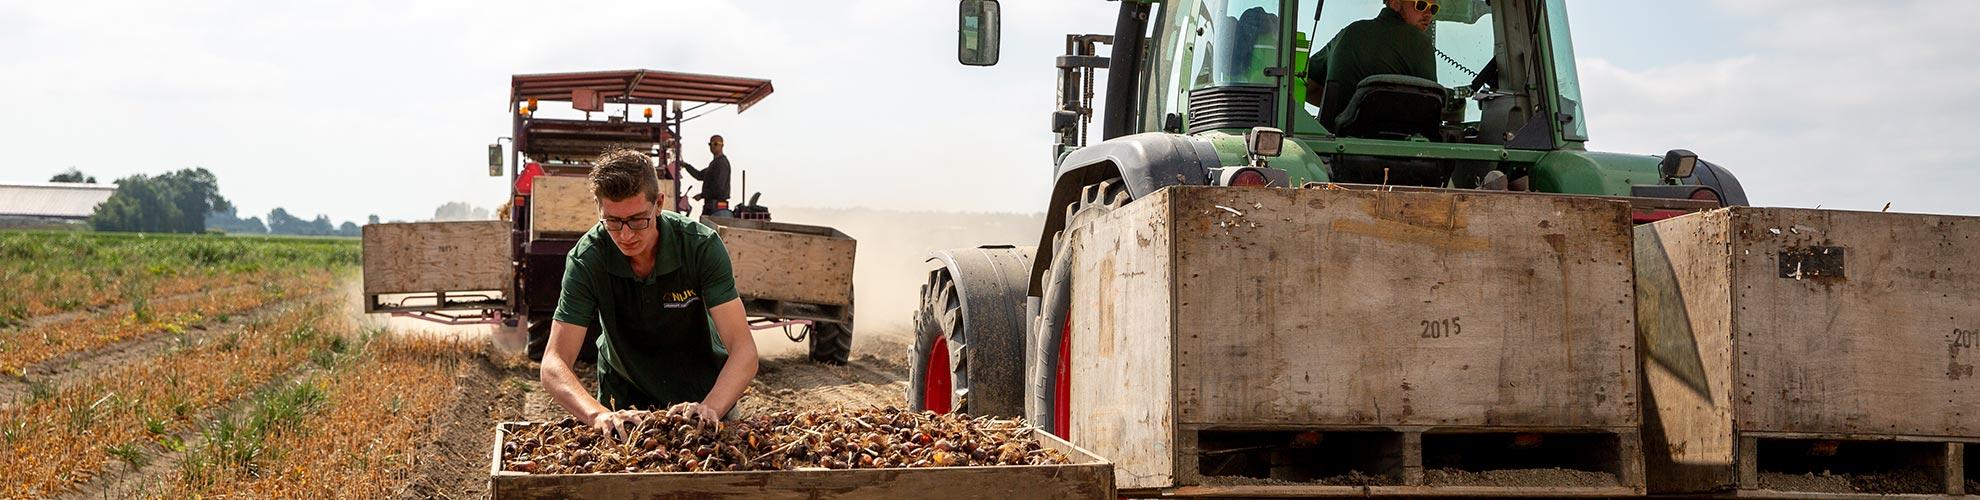 Nijk agrarische dienstverlening uit Dronten